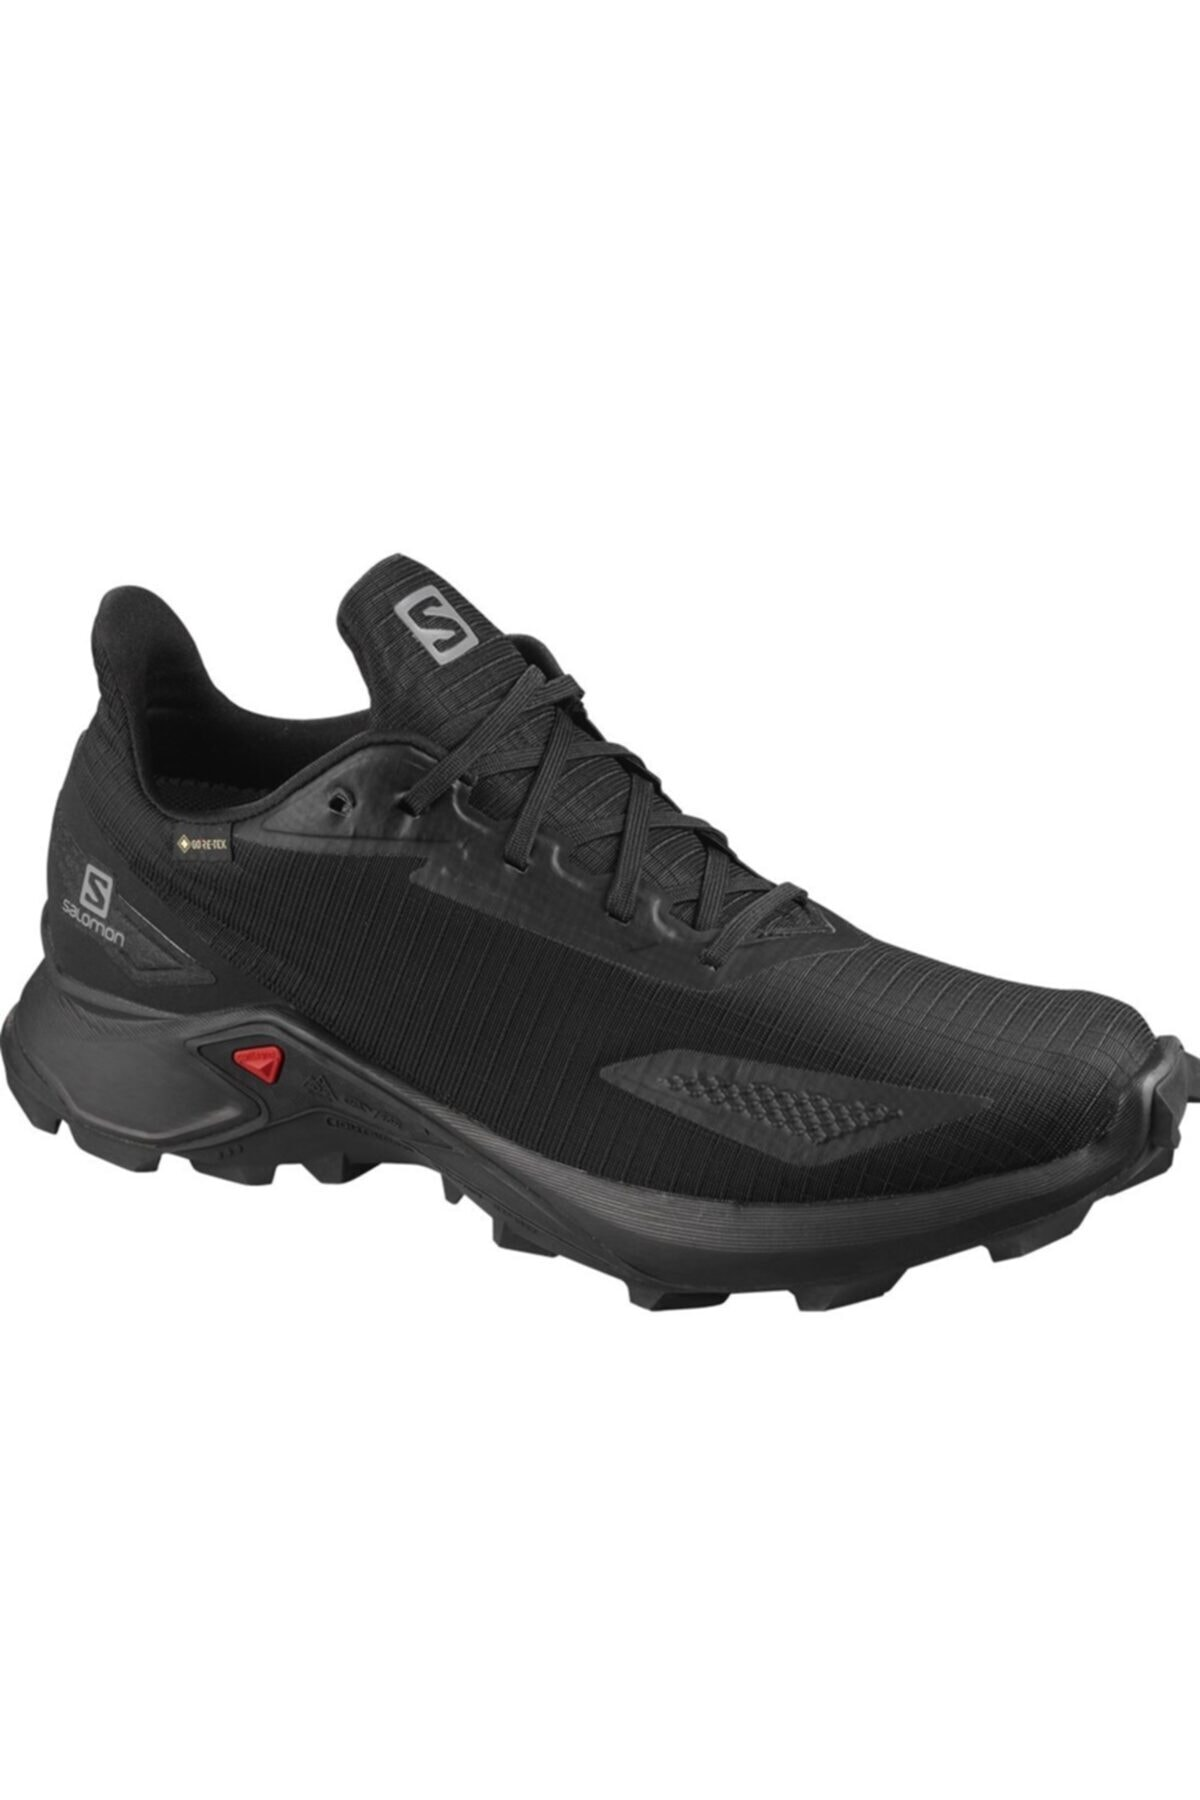 Salomon Erkek Siyah Outdoor Ayakkabı L41105300 1